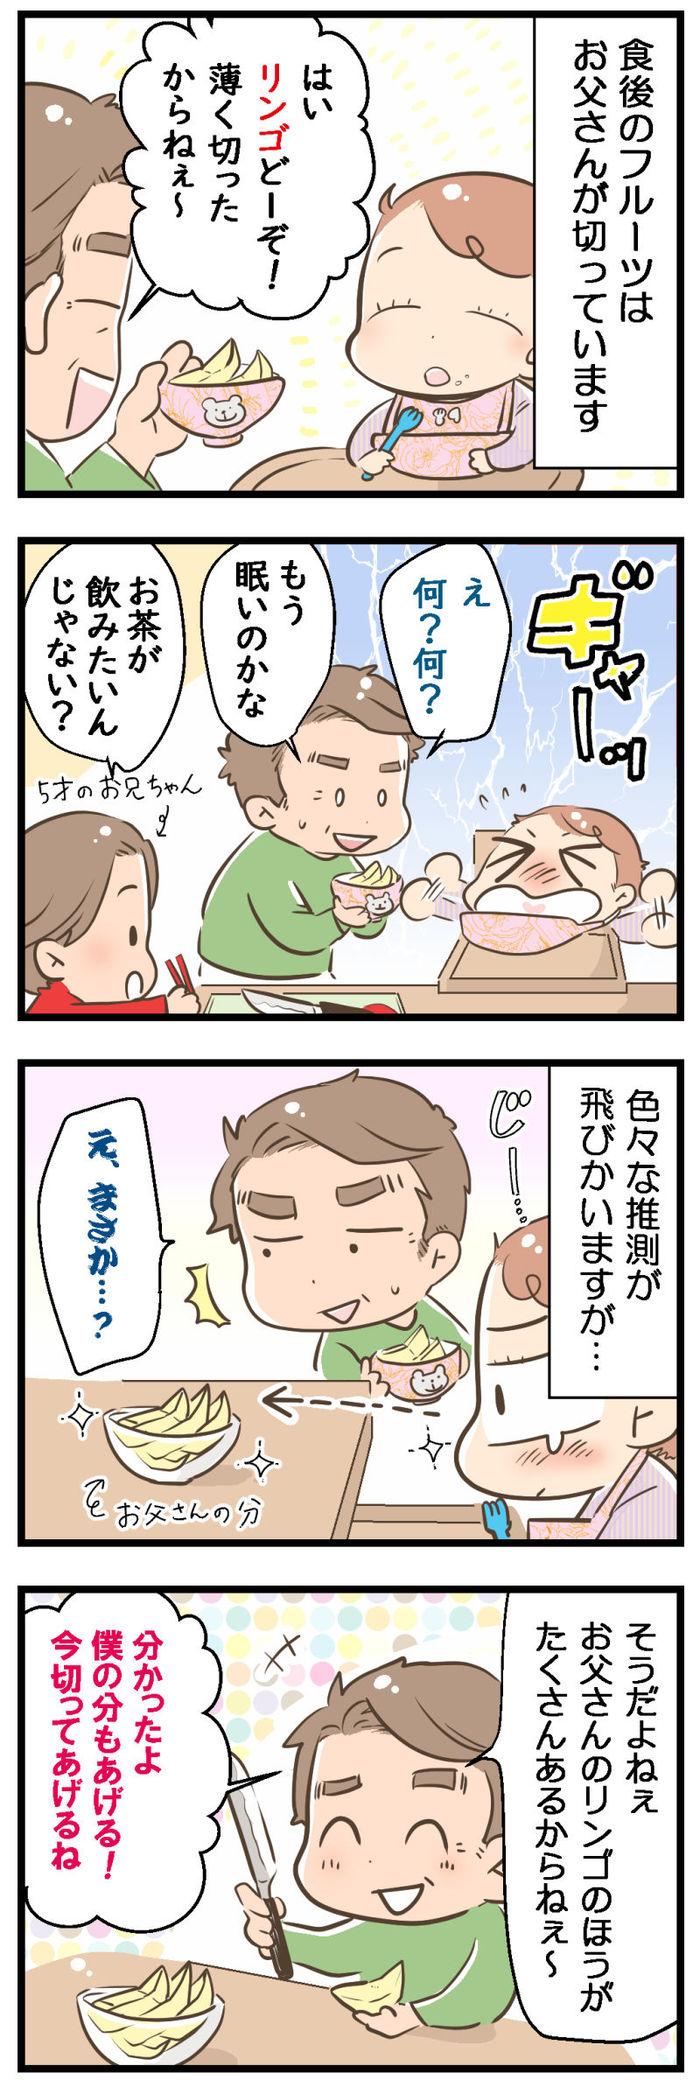 食後のデザート。妹に自分の分をあげたパパを見て兄は…。の画像1